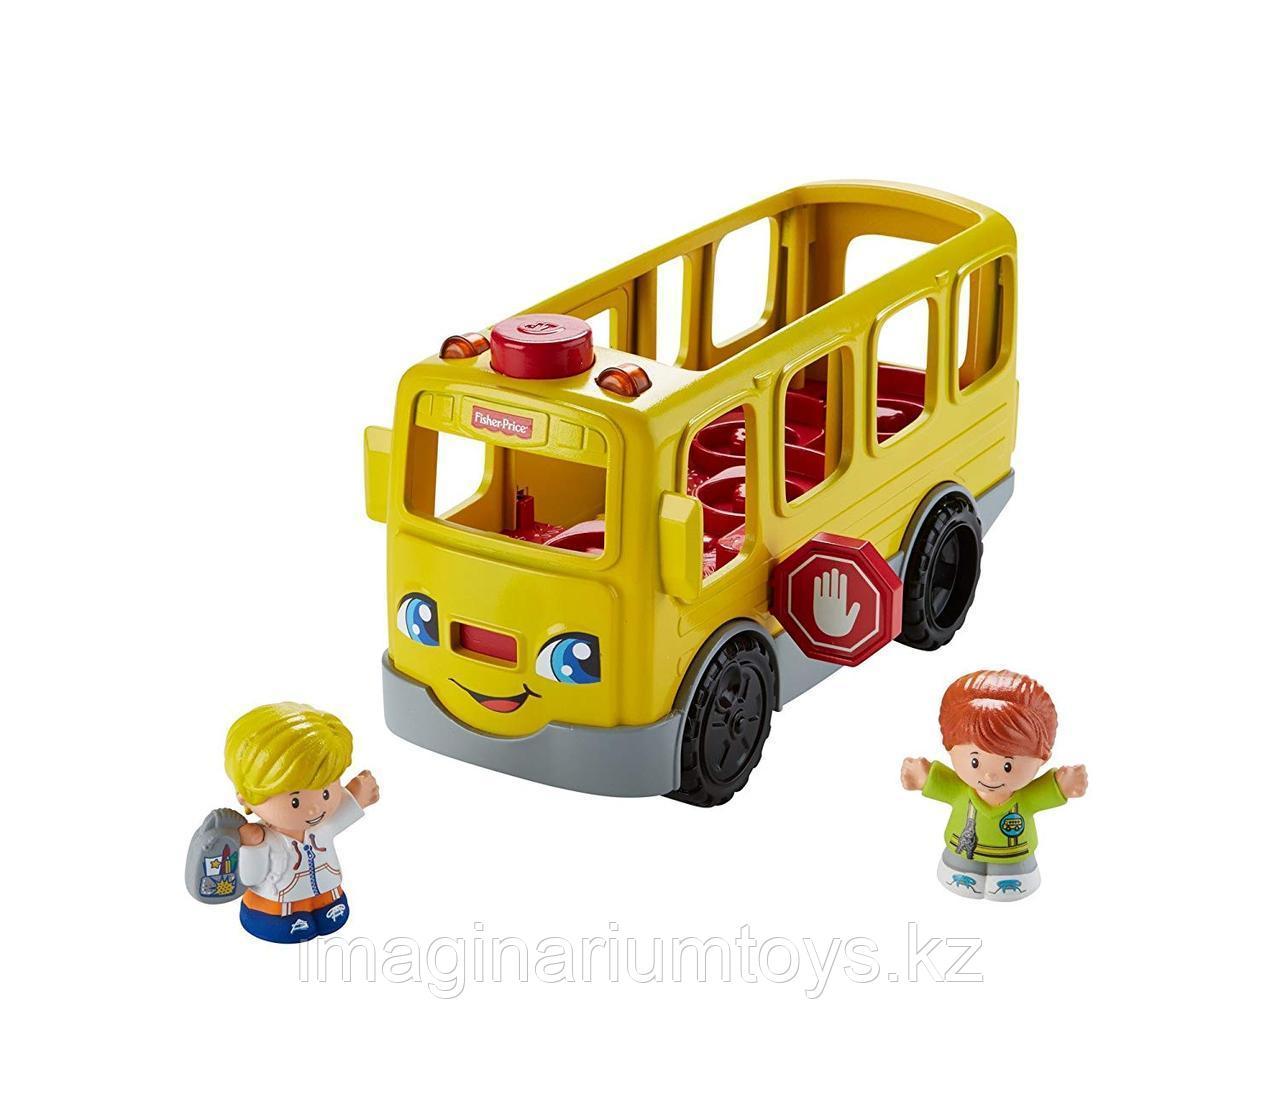 Развивающая интерактивная игрушка «Автобус»